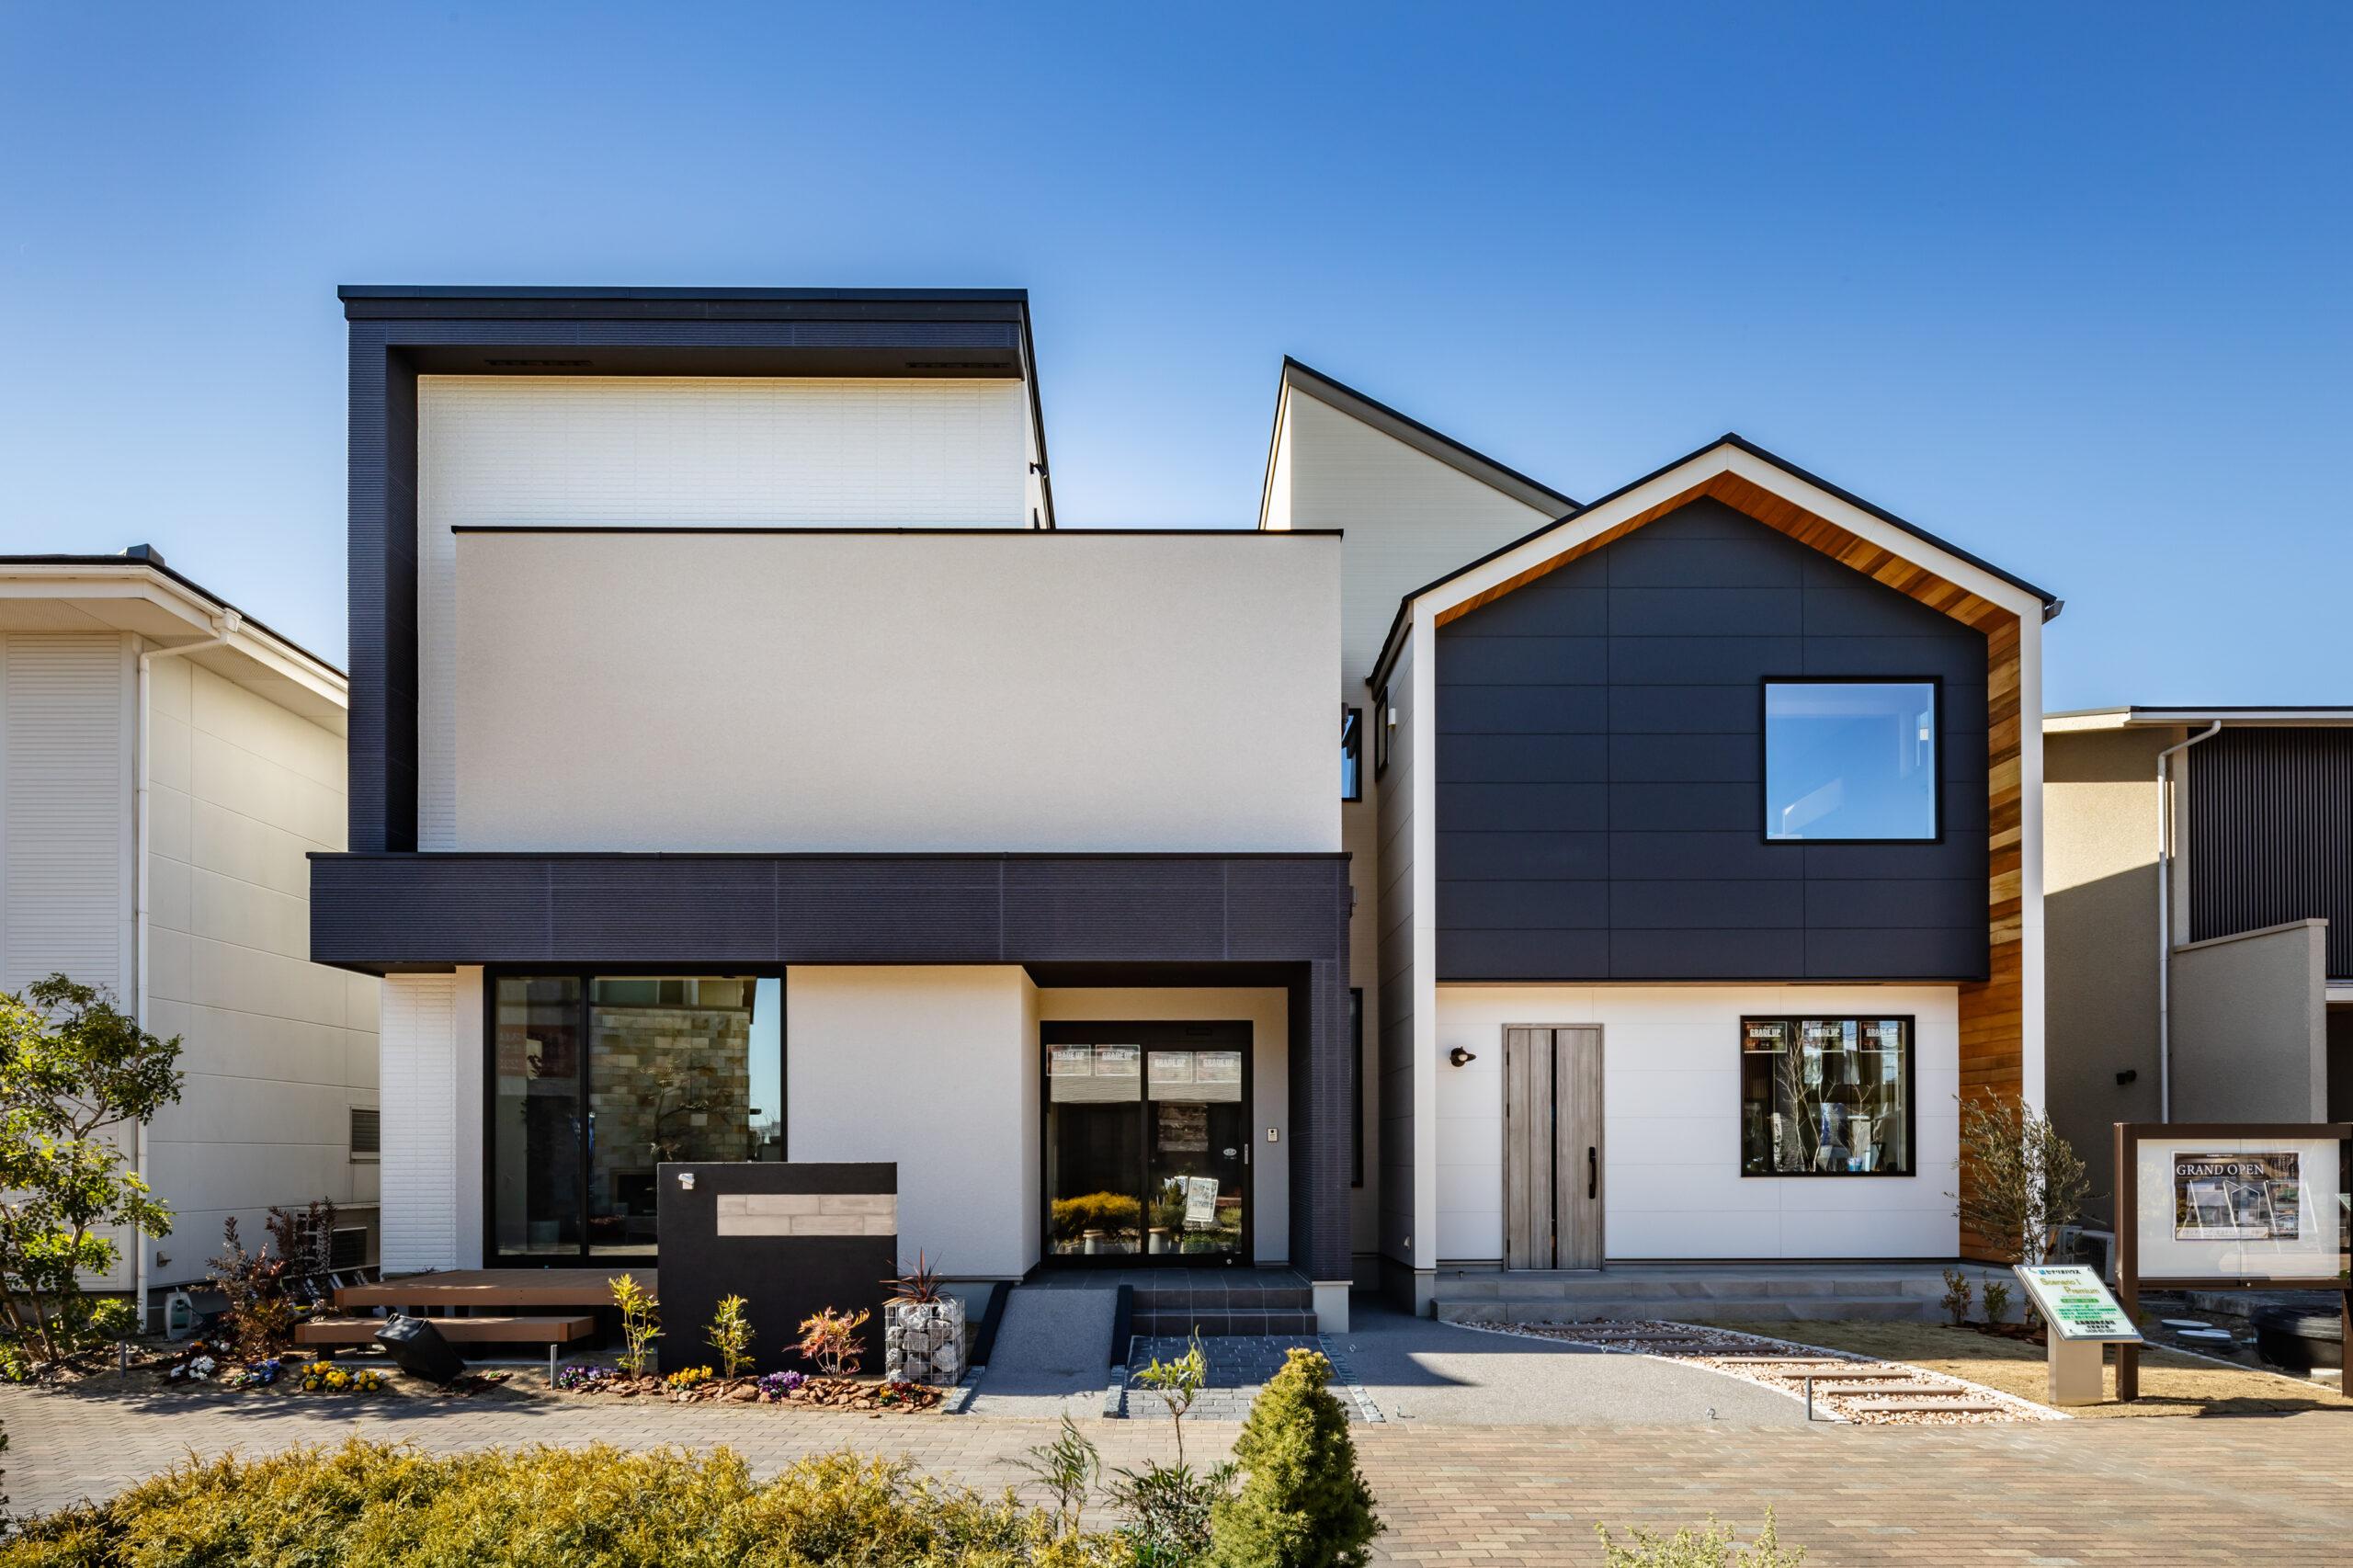 戸建注文住宅の6月受注、全社前年比増─ヒノキヤは単月・2Qで過去最高を更新